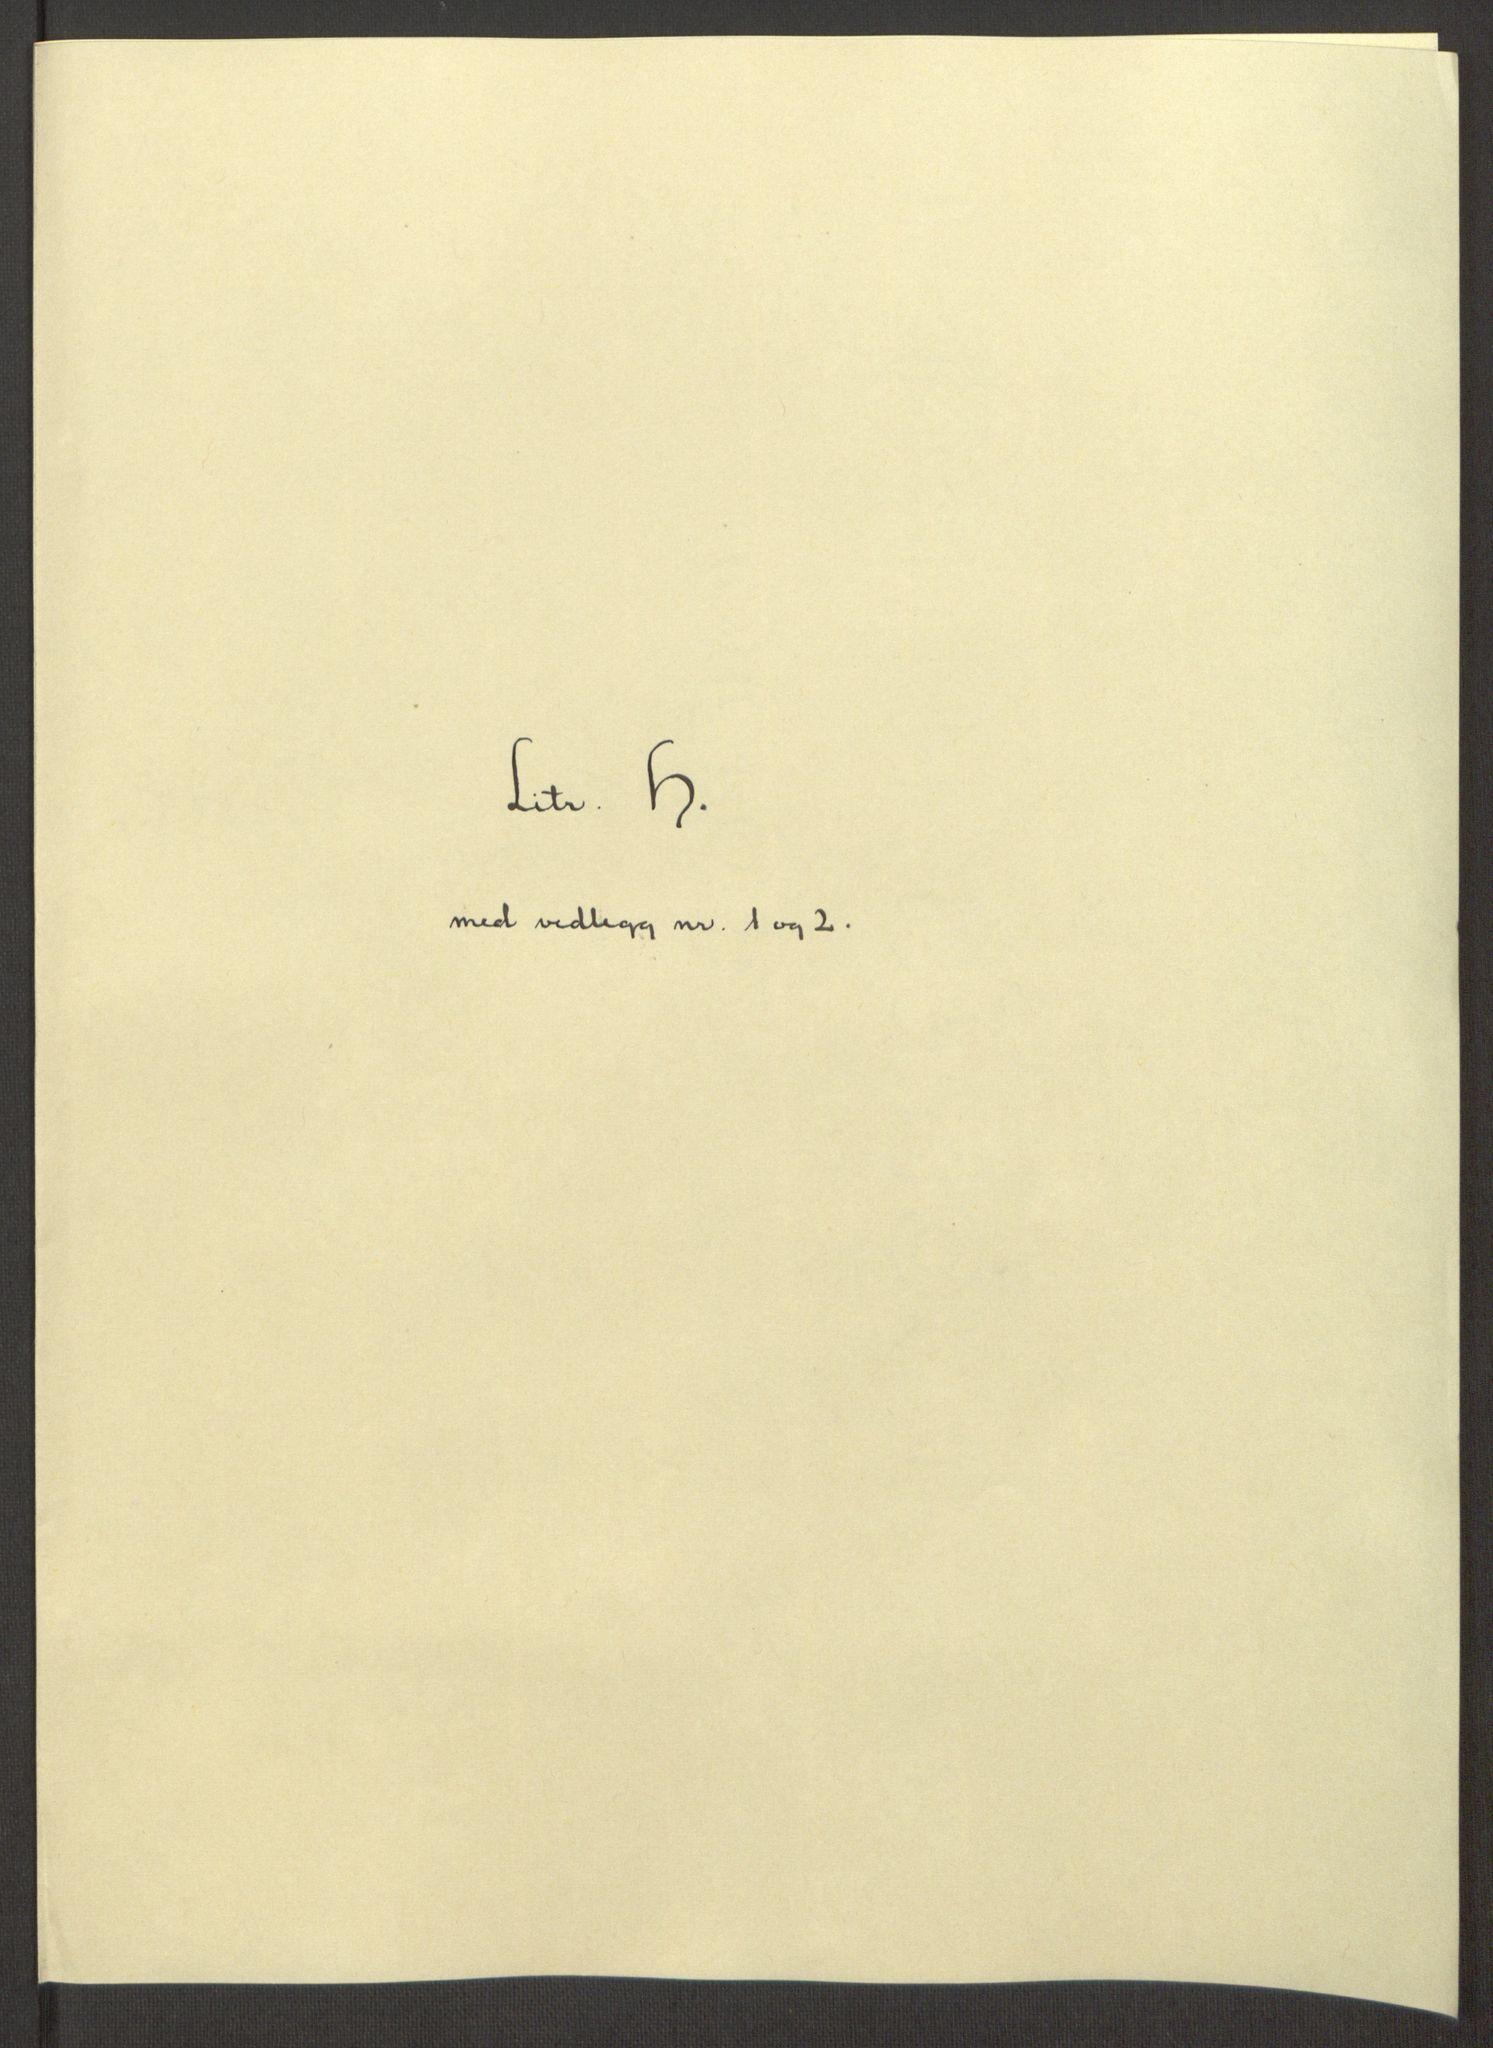 RA, Rentekammeret inntil 1814, Reviderte regnskaper, Fogderegnskap, R64/L4423: Fogderegnskap Namdal, 1690-1691, s. 41